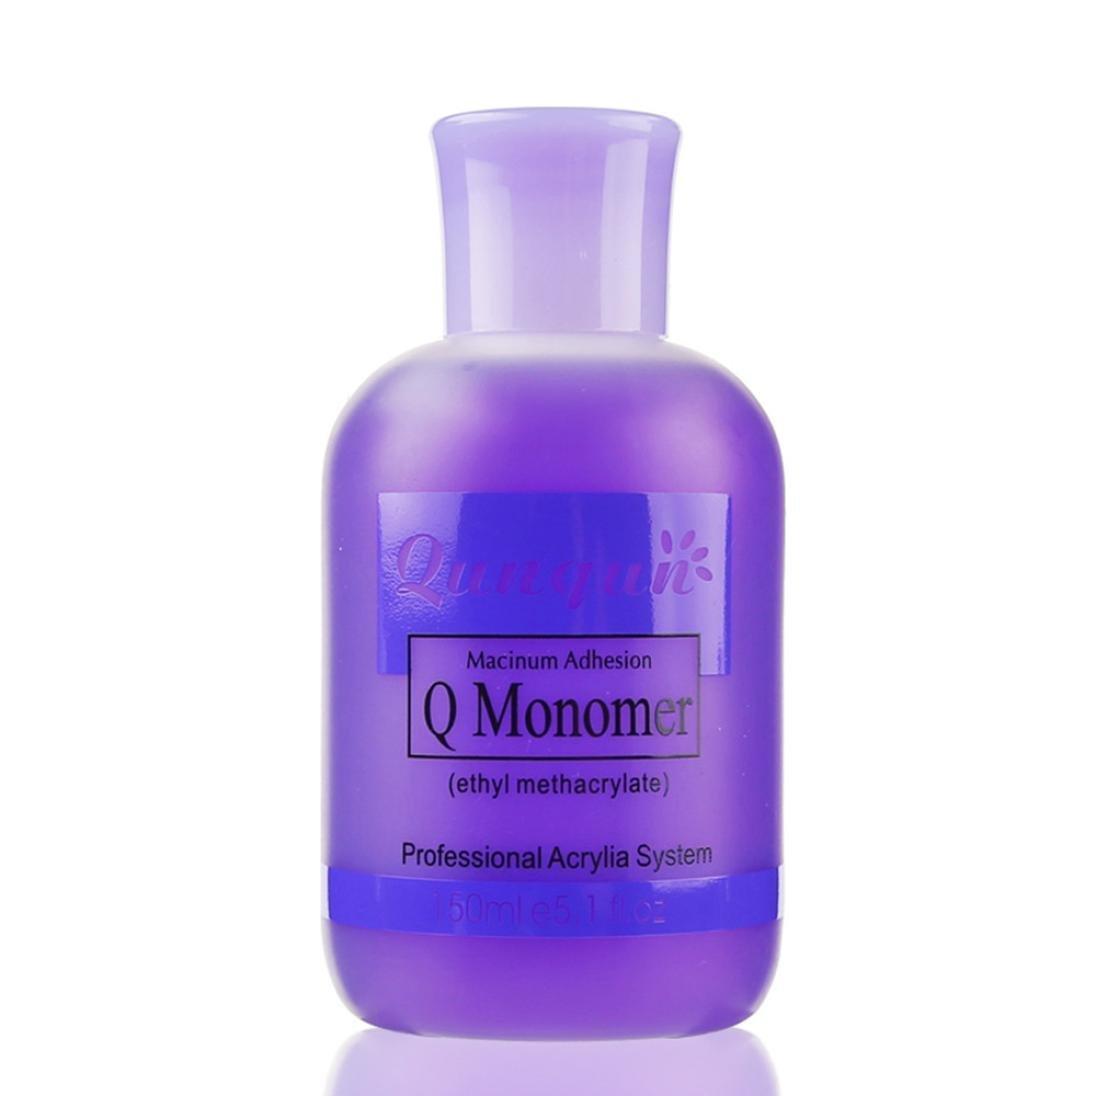 Líquido acrílico monómero Q para decoración de uñas, 150 ml, Igemy: Amazon.es: Belleza